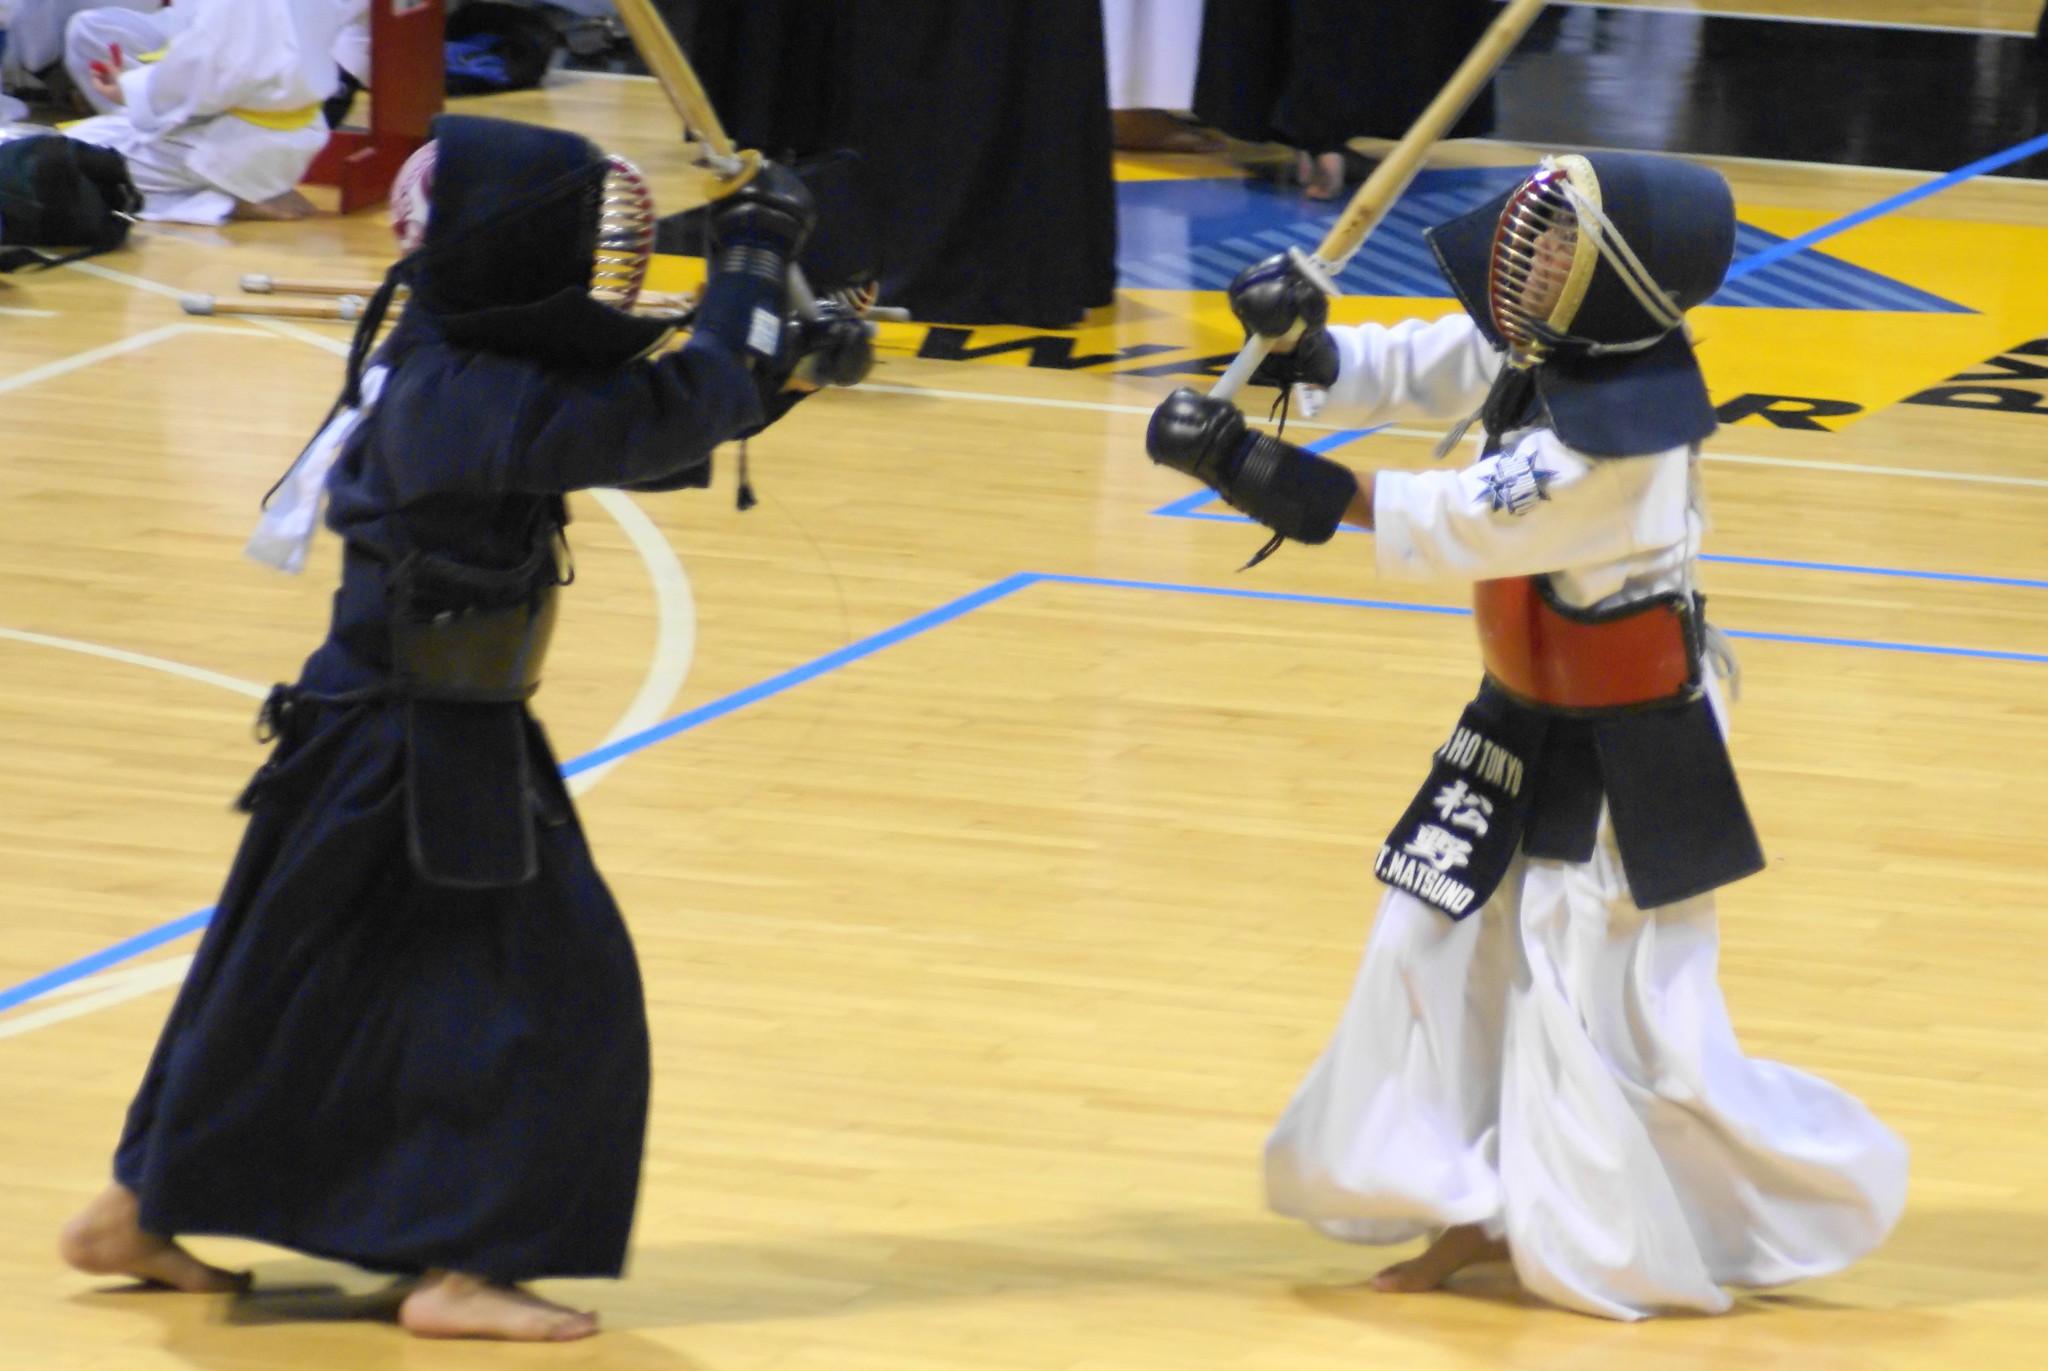 全国高校剣道選抜大会2020結果速報・組み合わせ出場校・日程